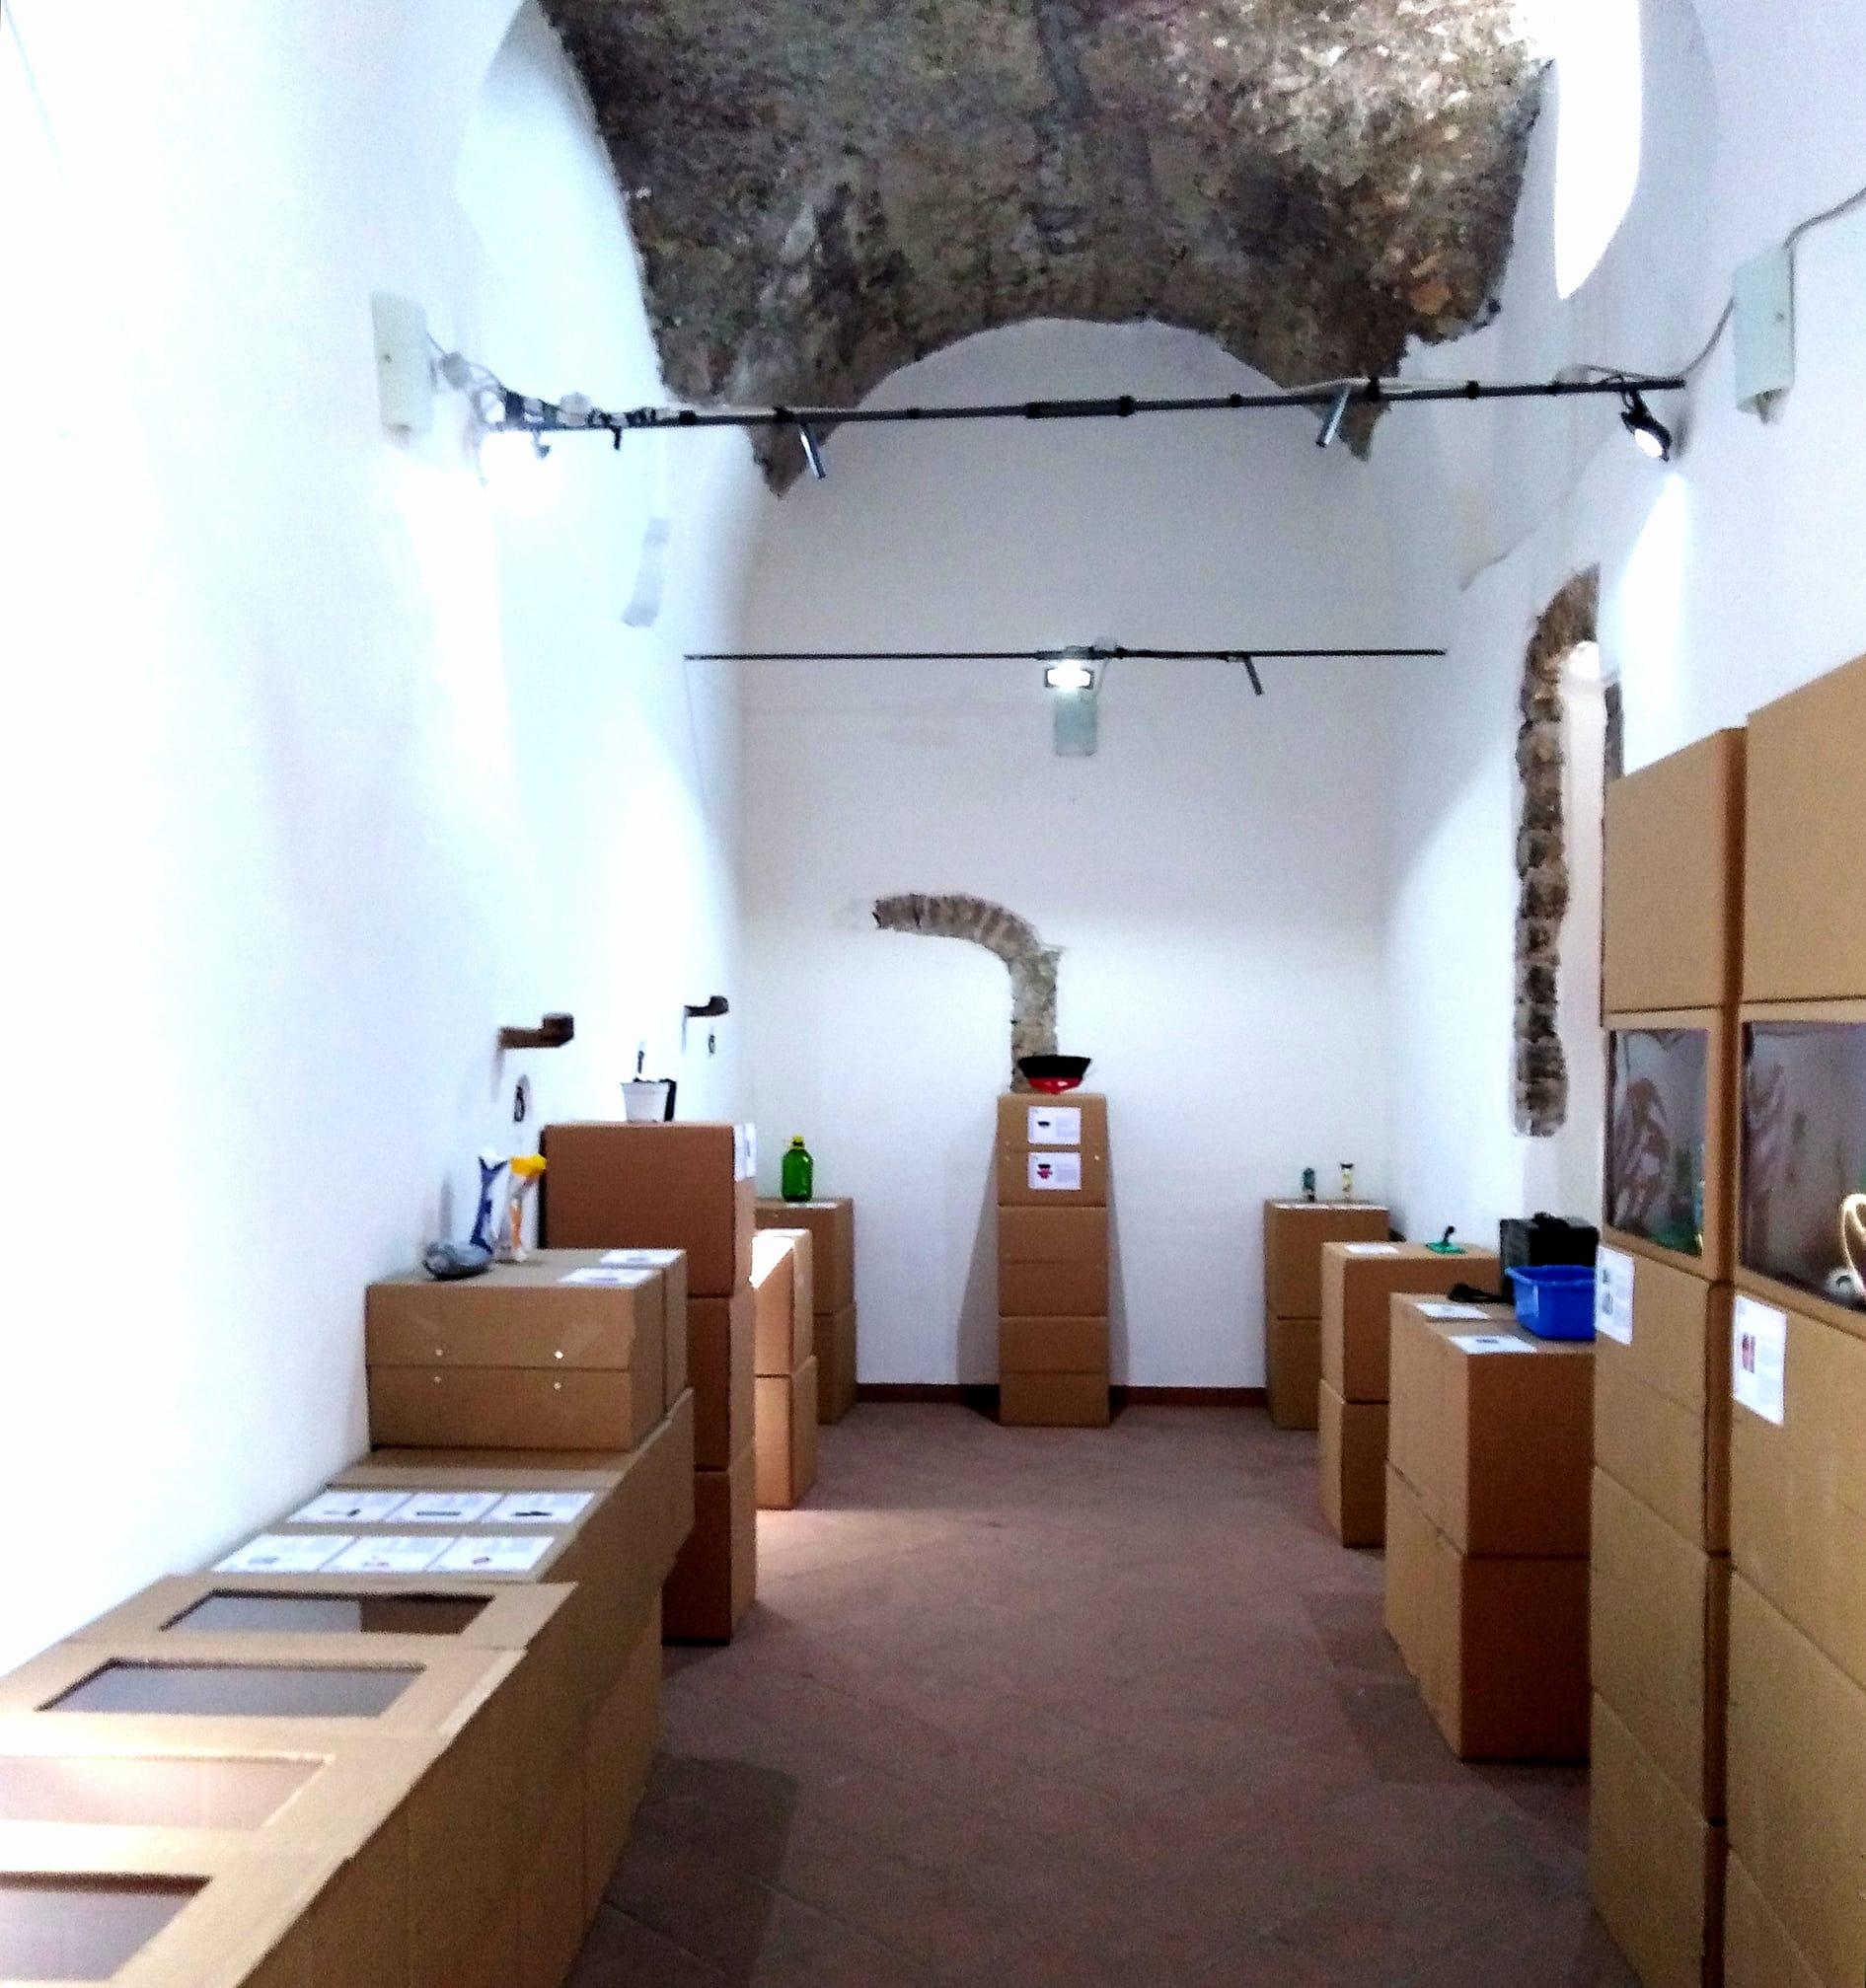 Residenze: Emmanuele Lo Giudice – Il Museo archeologico della contemporaneità